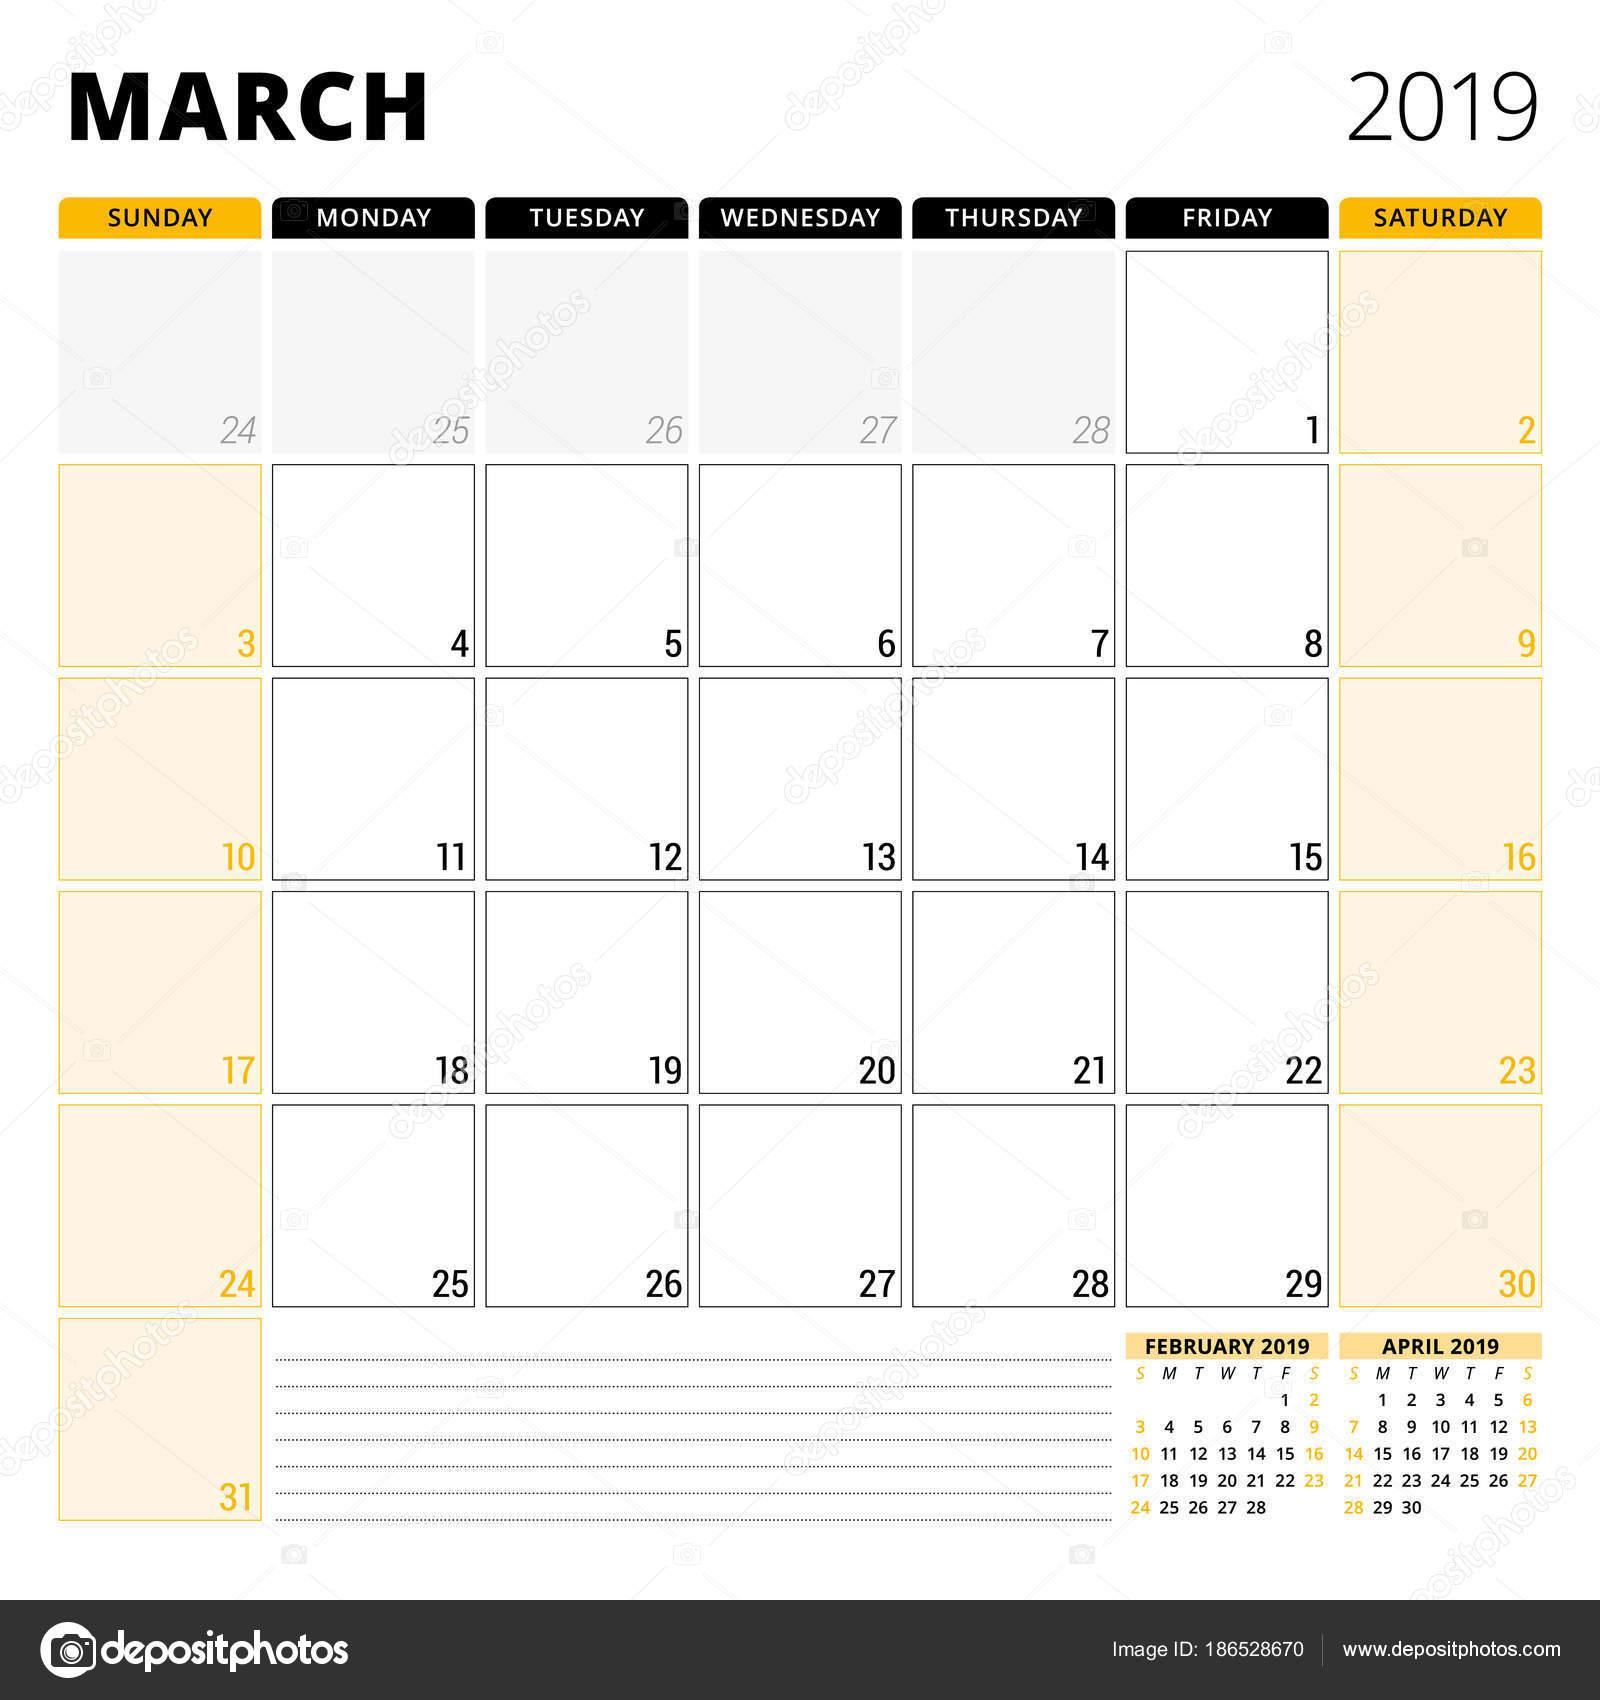 2019 március naptár Naptár tervező március 2019. Levélpapír tervezősablon. Hét  2019 március naptár